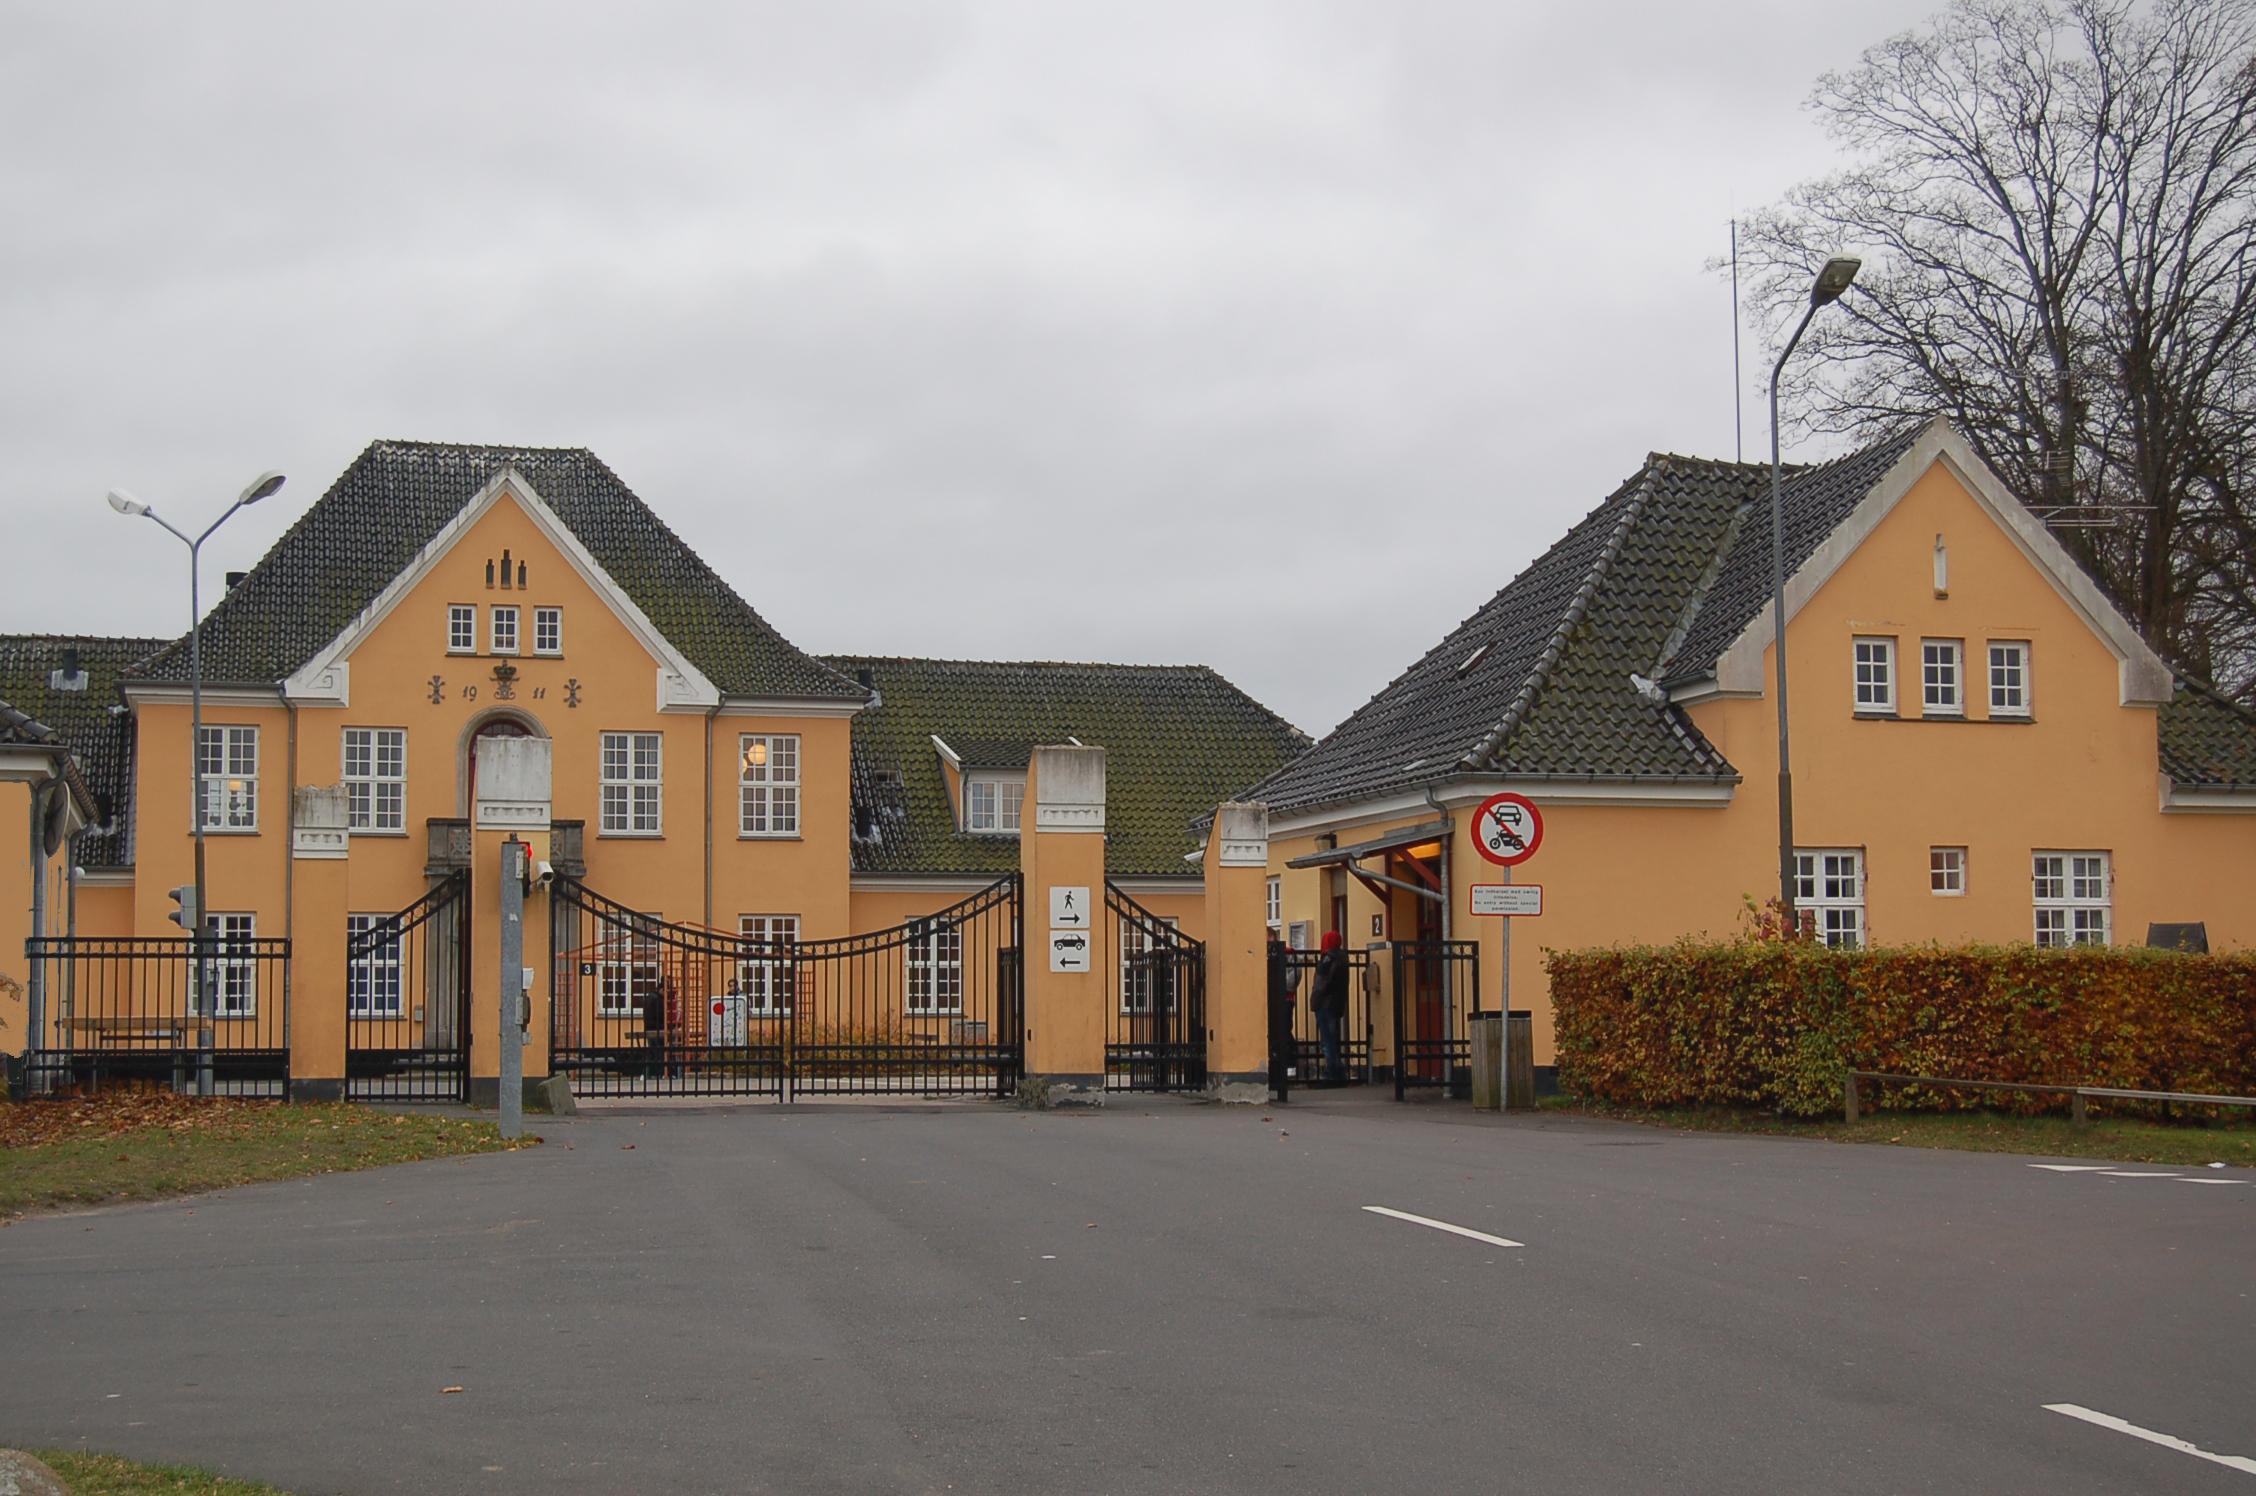 Det var i Center Sandholm, at en 28-årig udenlandsk mand overfaldt en anden beboer med et barberblad. Arkivfoto: AOB